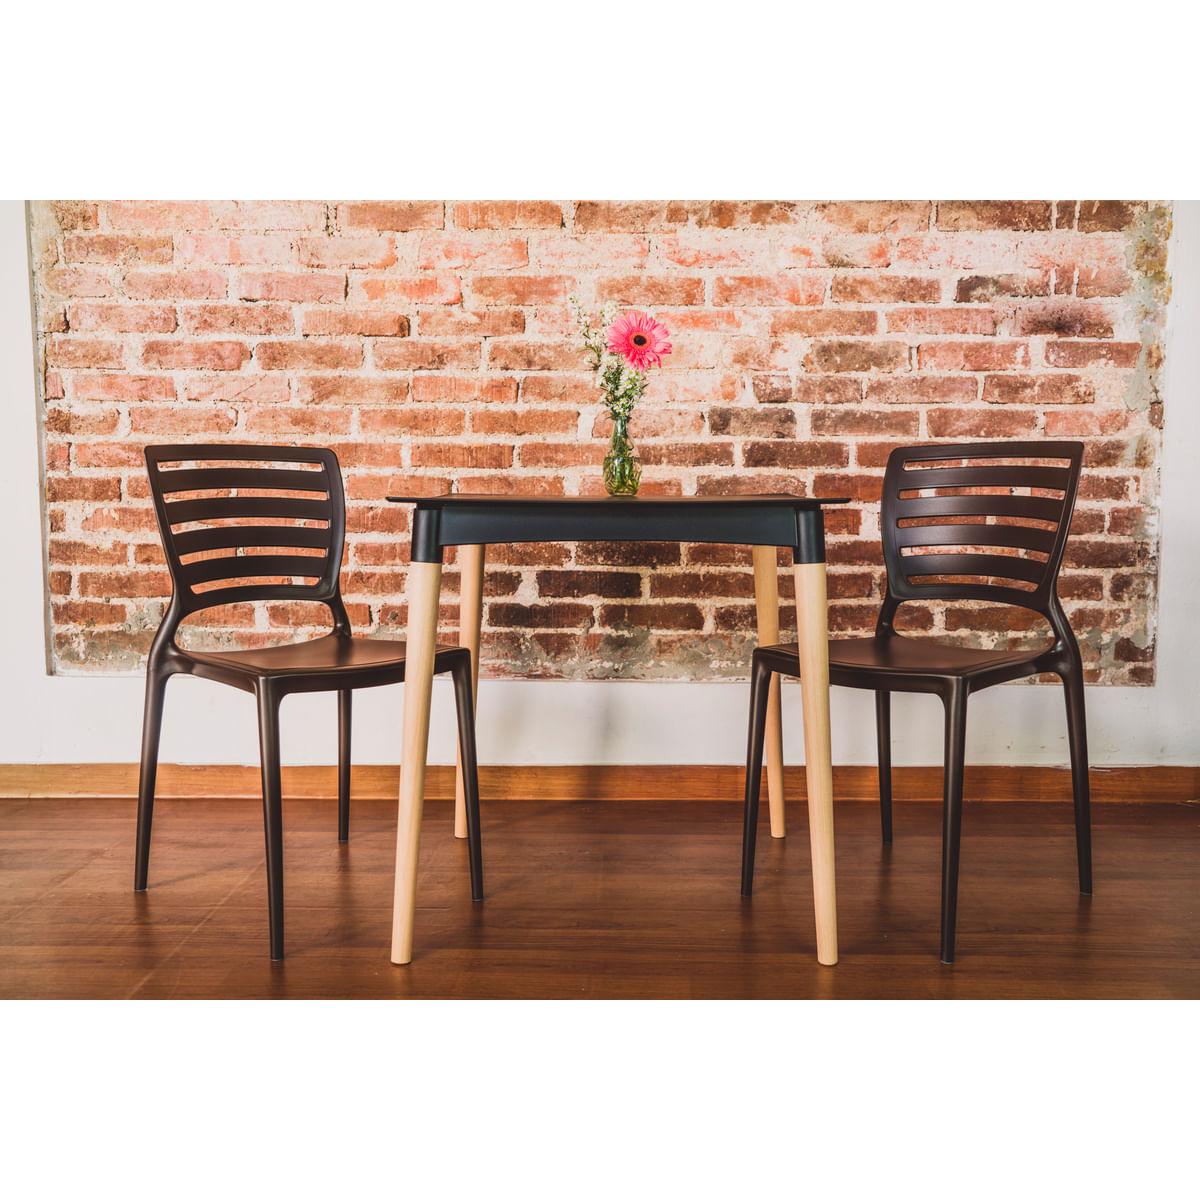 Cadeira Sofia encosto horizontal marrom Tramontina 92237109